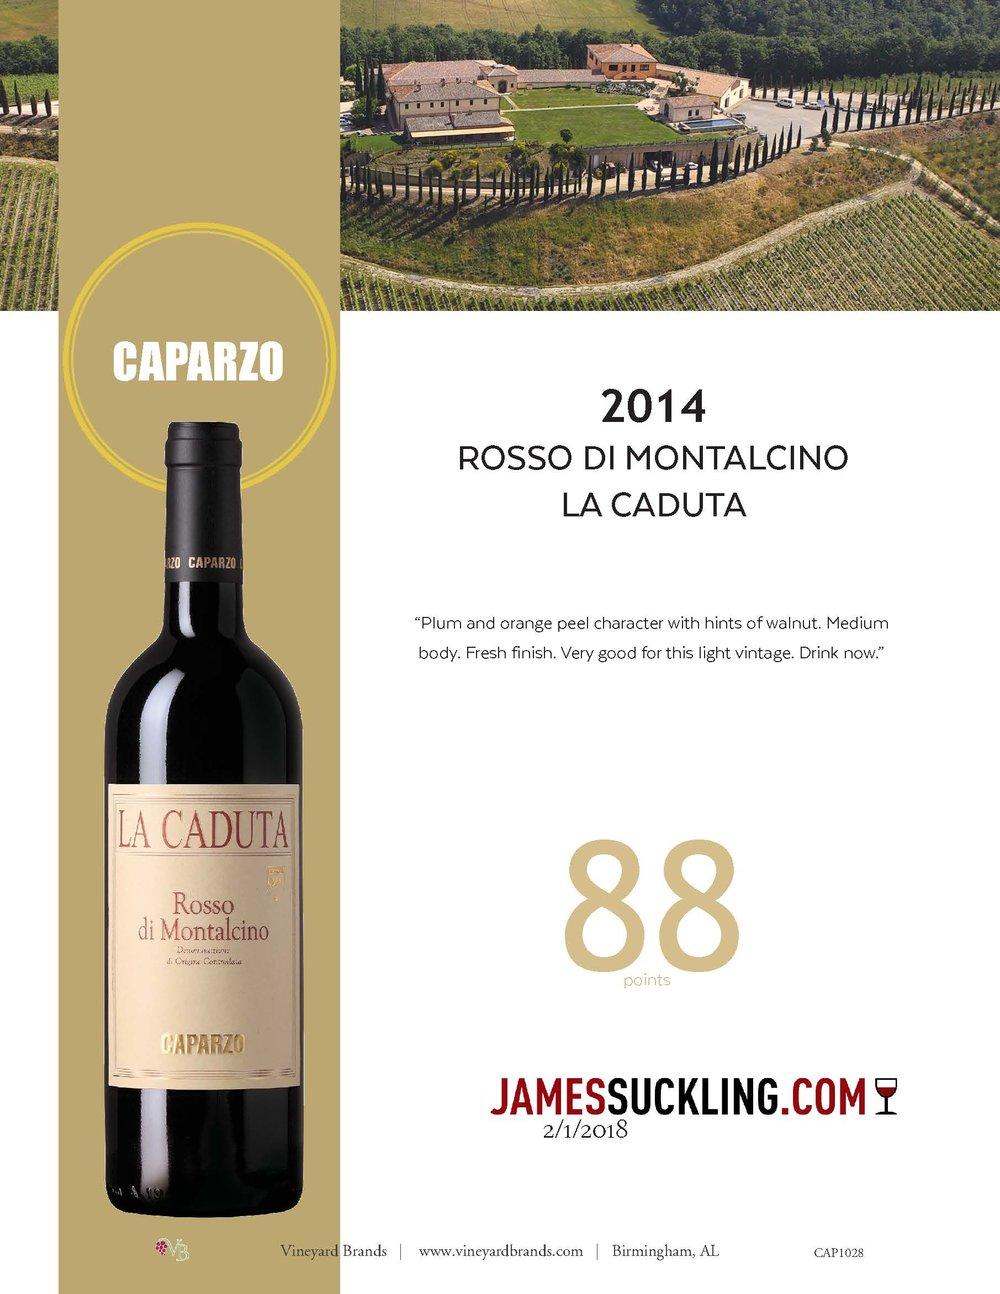 Caparzo Rosso di Montalcino La Caduta 2014.jpg